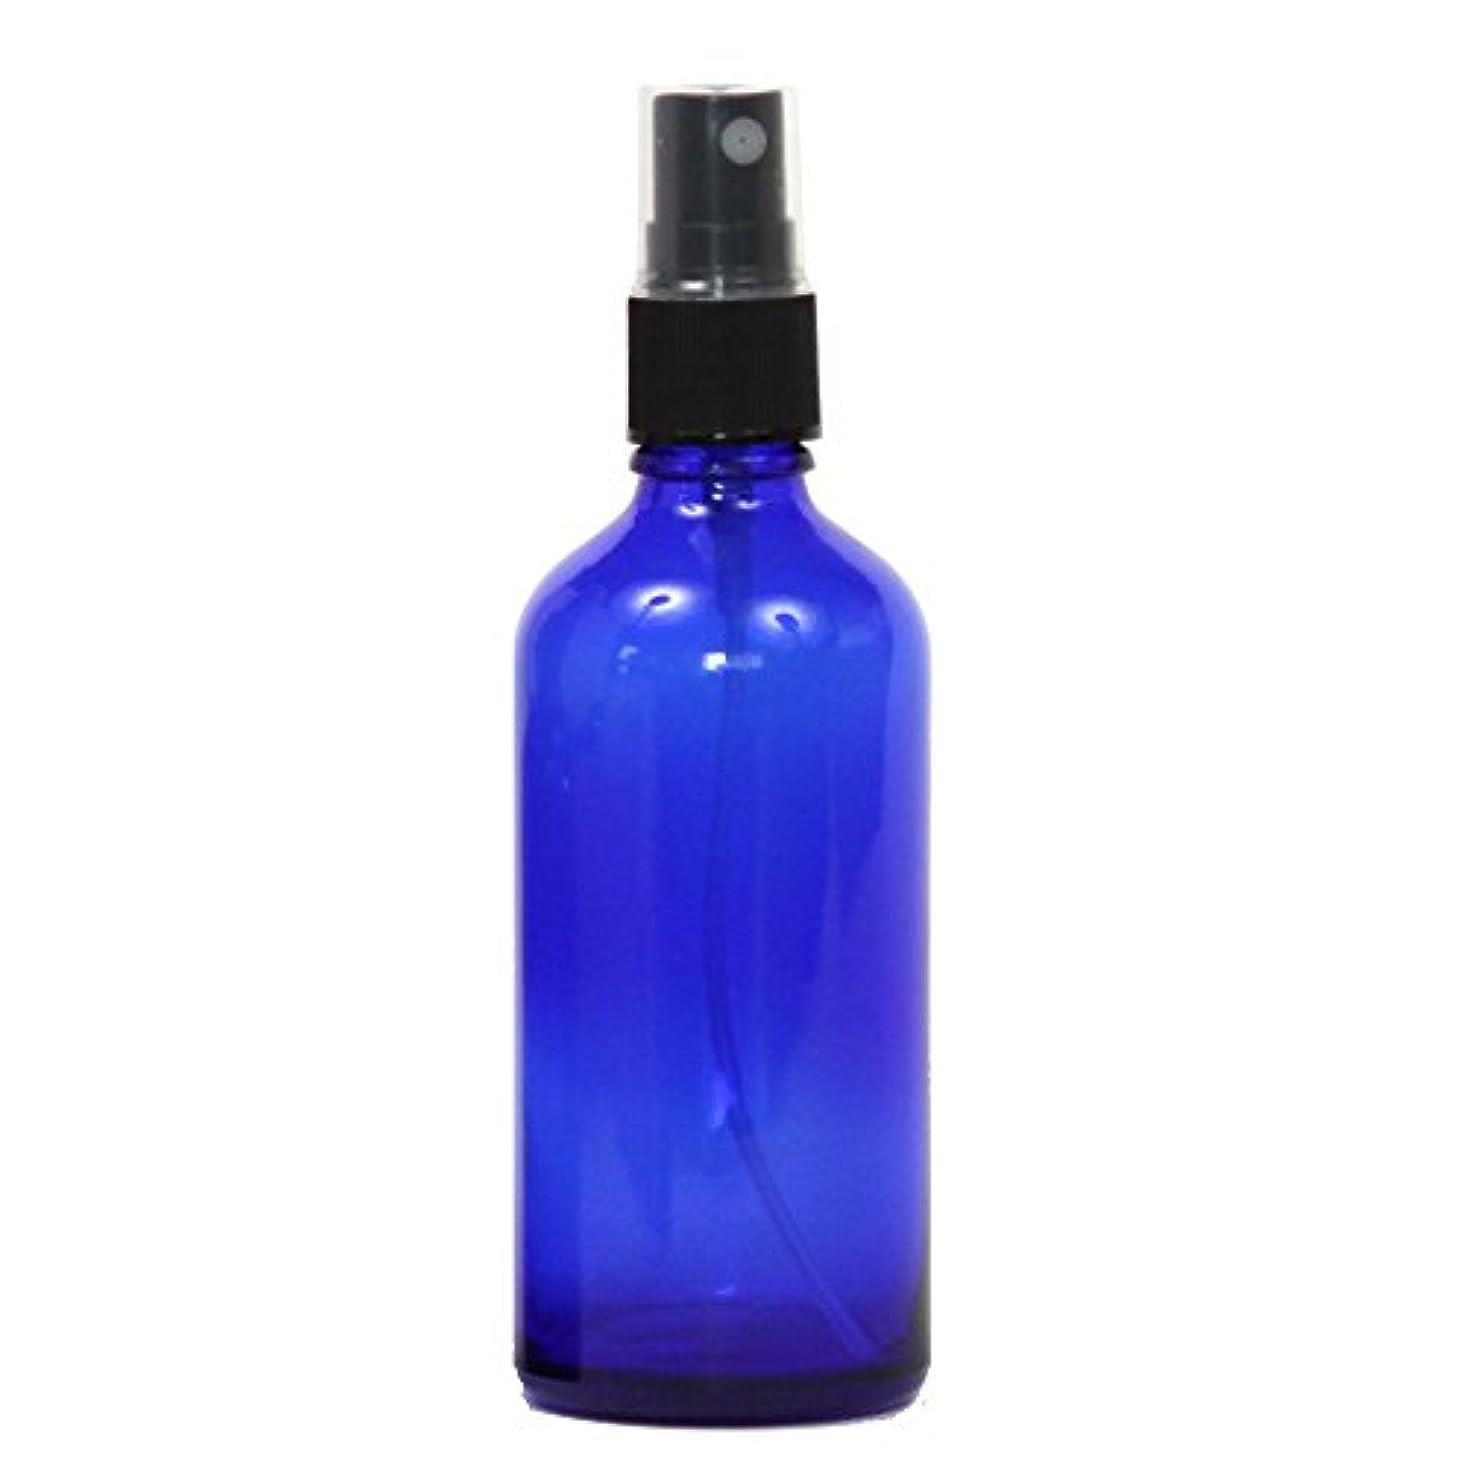 強打送るラッシュスプレーボトル ガラス瓶 100mL 【コバルト 青色】 遮光性 ブルーガラスアトマイザー 空容器bu100g